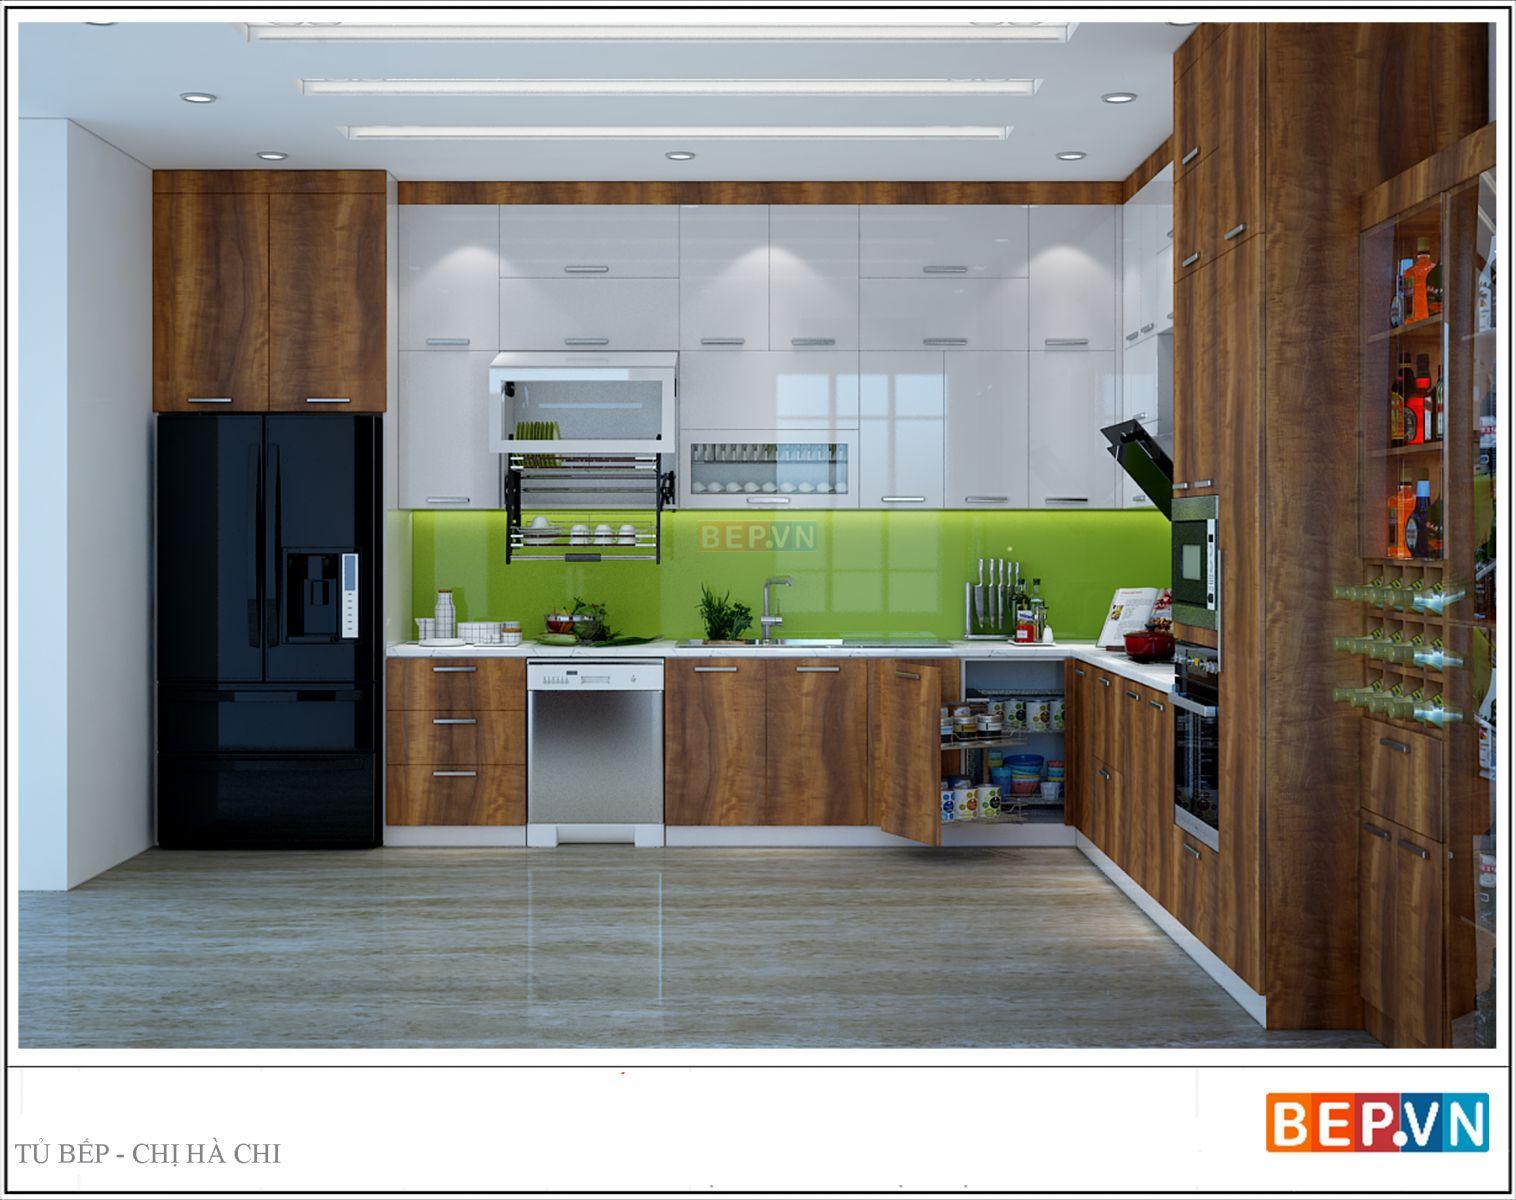 Sự kết hợp màu trắng của Acrylic và màu vân gỗ đặc trưng của Laminate mang lại không gian hài hòa cho hệ thống tủ bếp chữ L gia đình chị Hà sở hữu